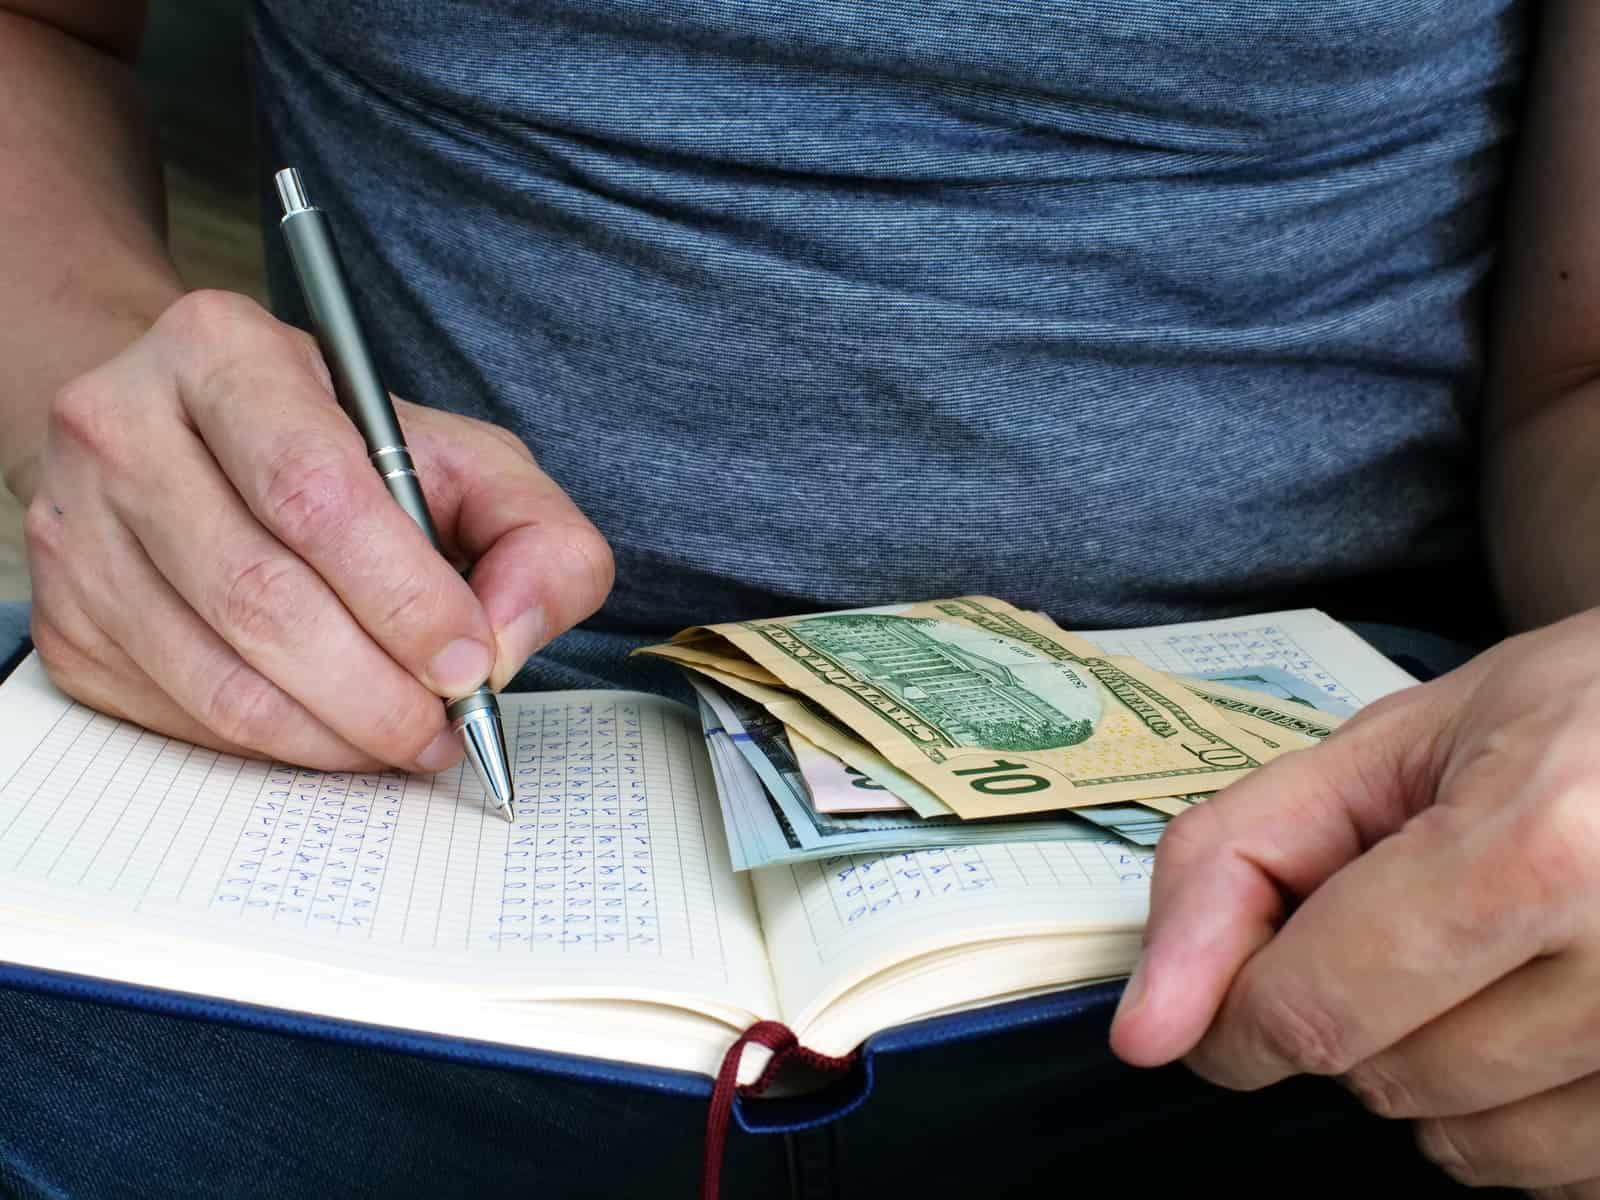 Ben jij ook altijd zo nieuwsgierig naar andermans portemonnee? Ik wel! In de rubriek 'Sparen of Spenden' ben ik open over mijn financiën en deel ik maandelijks hoe ik mijn geld verdien, hoe ik het uitgeef en hoe ik het investeer. Deze maand heb ik een nieuwe zorgverzekering uitgekozen voor volgend jaar! Benieuwd hoeveel ik precies heb uitgegeven deze maand, wat mijn inkomsten waren en of er nog wat geld overbleef om te beleggen? Lees dan snel verder!